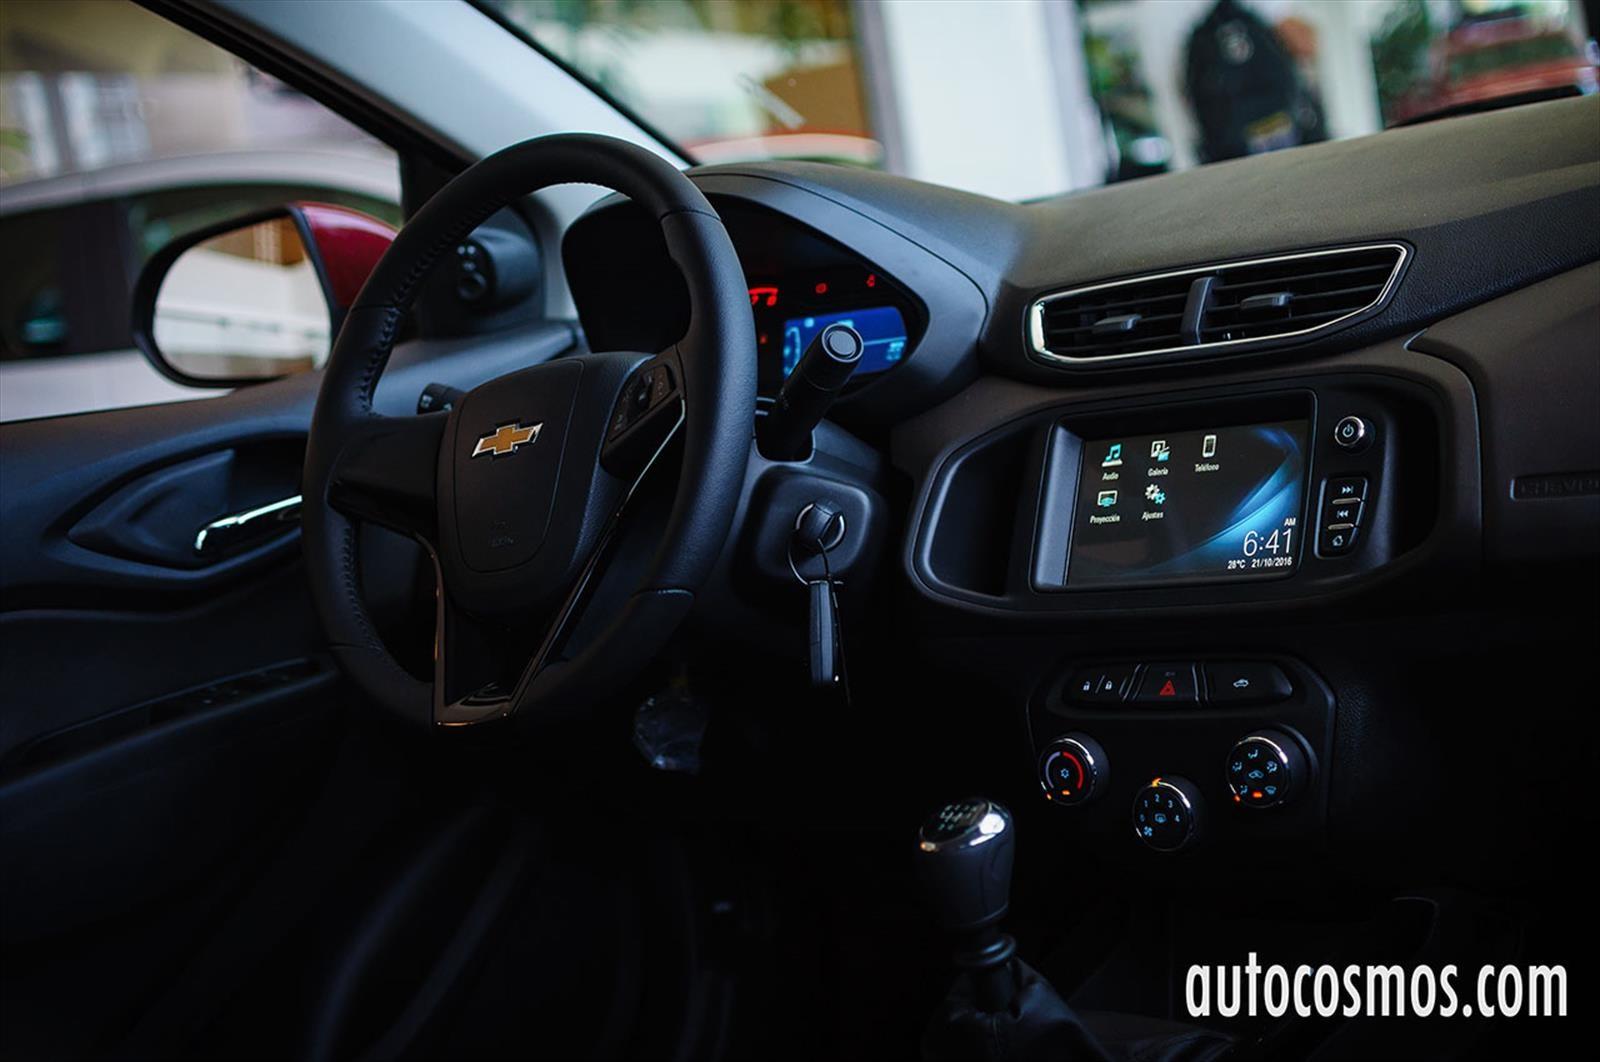 Chevrolet Prisma 2017 Inicia Ventas En Chile Por 8 490